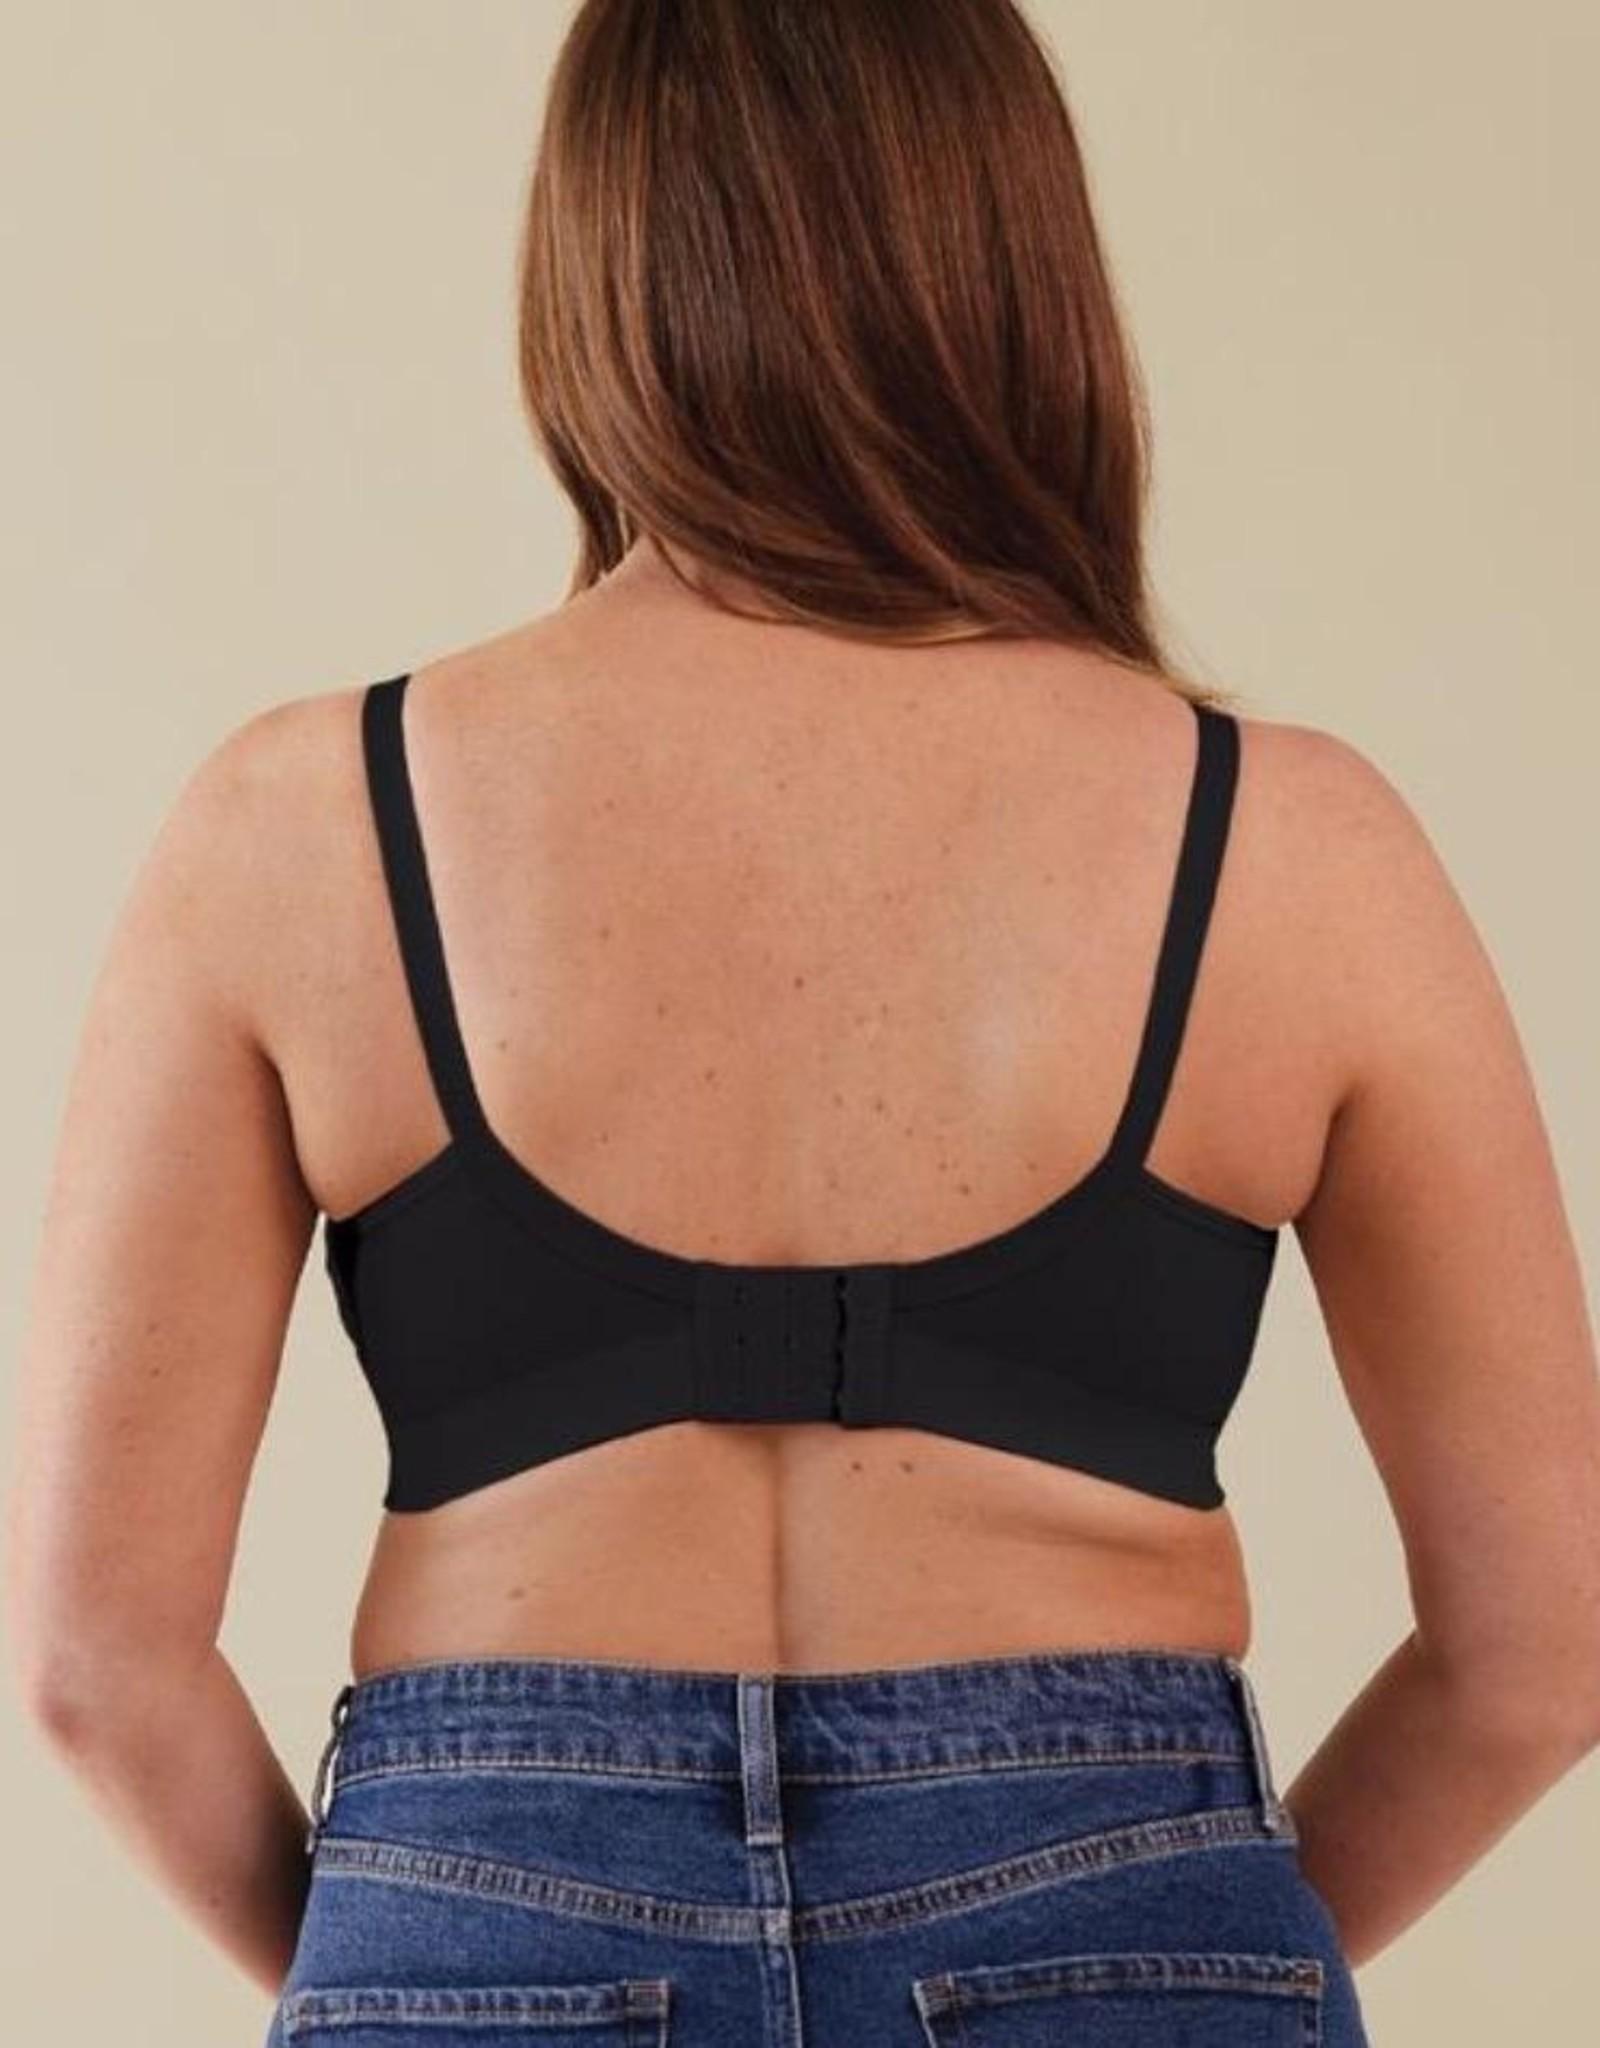 Bravado The Body Silk Seamless Sheer Nursing Bra